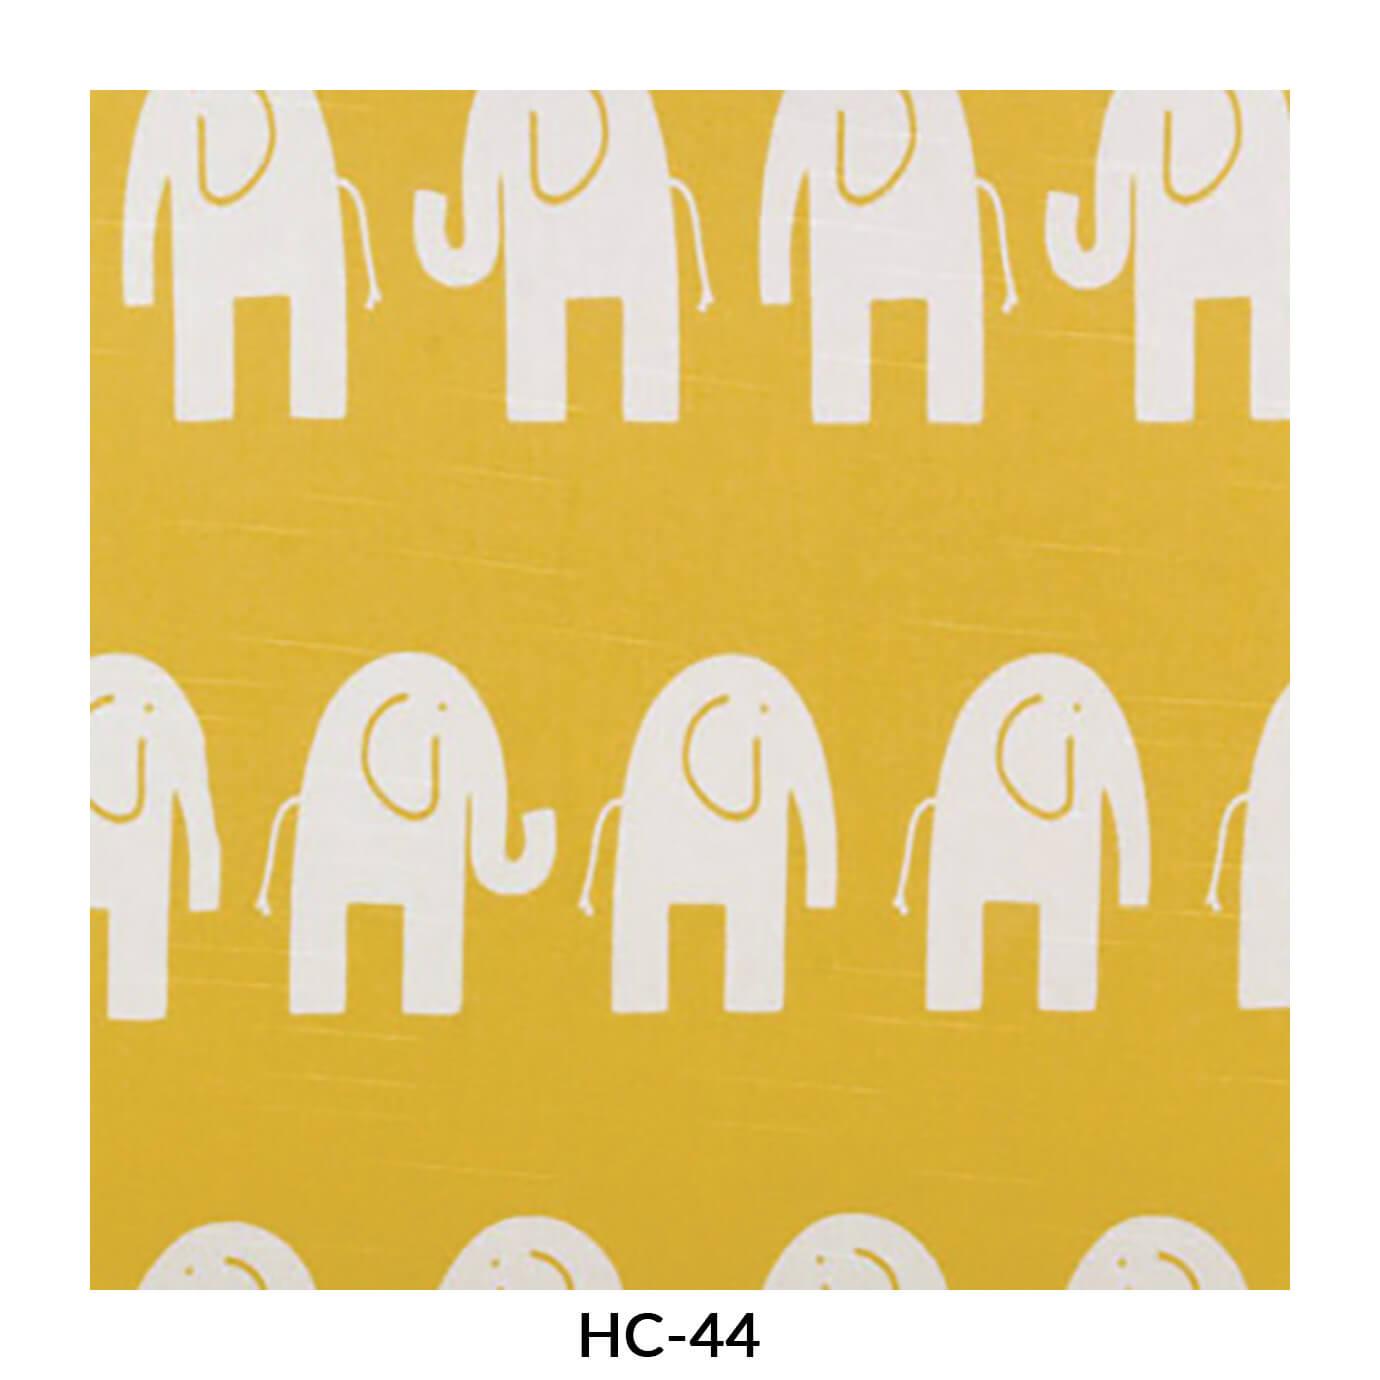 hc44.jpg